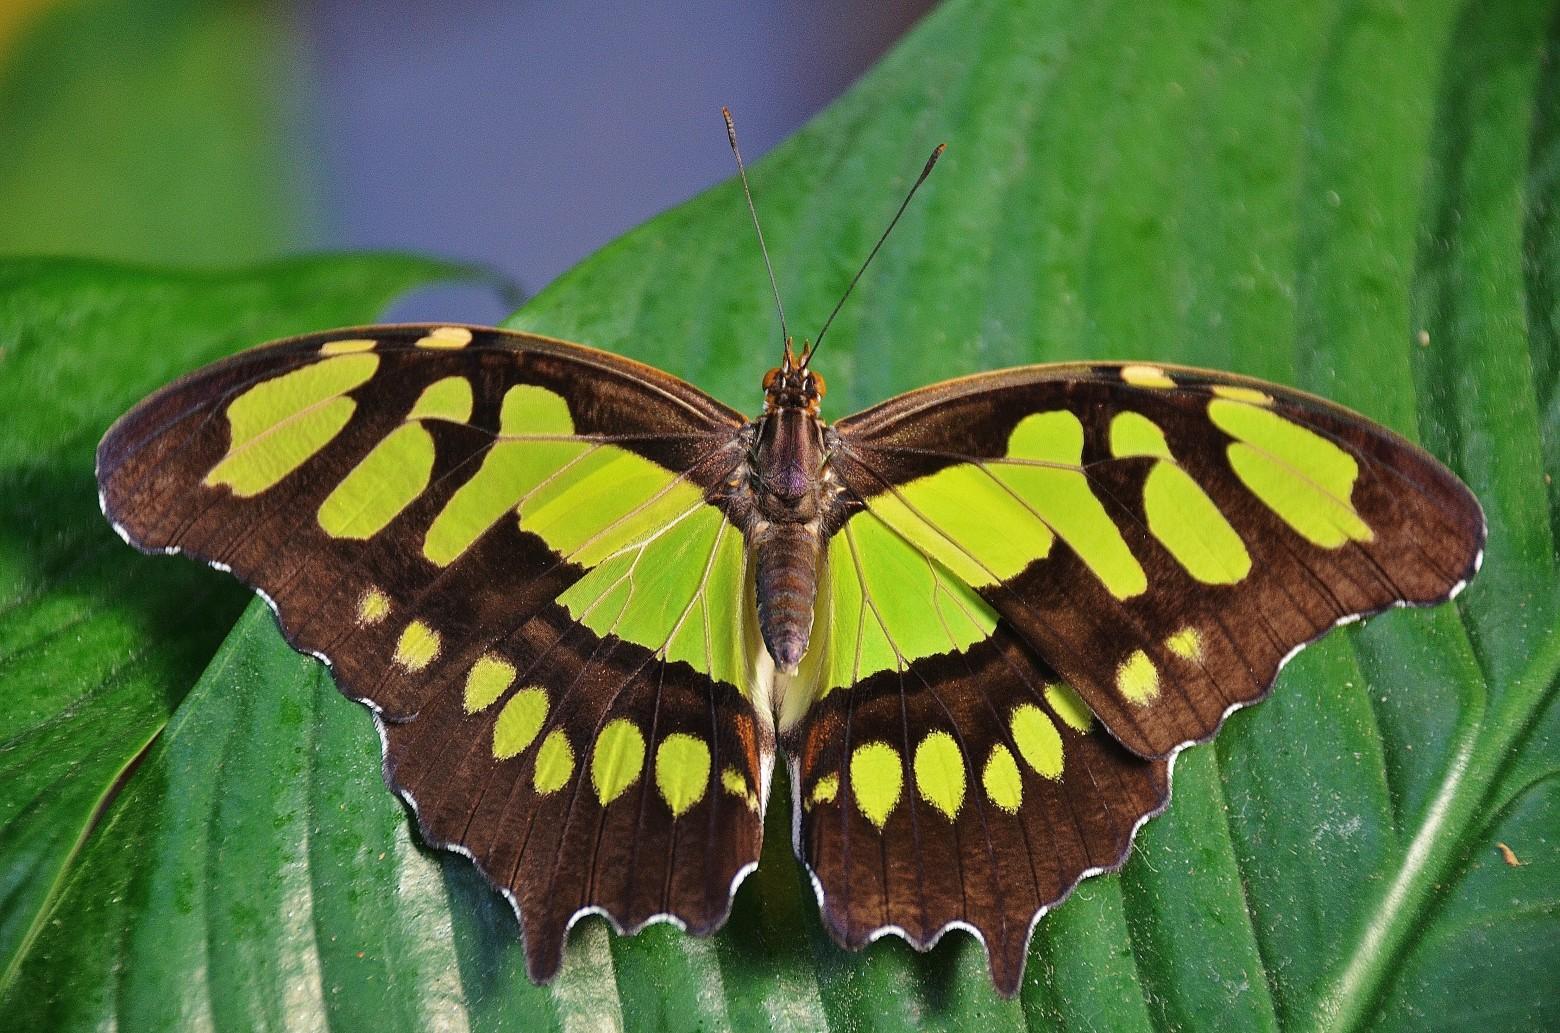 papillon sur une feuille verte nature images photos gratuites libres de droits images. Black Bedroom Furniture Sets. Home Design Ideas